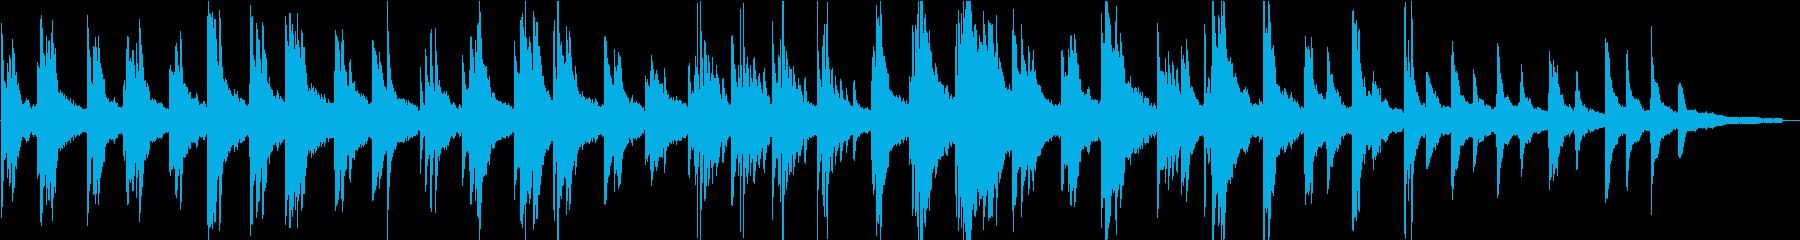 ヒーリングピアノ組曲 ただよう 12の再生済みの波形